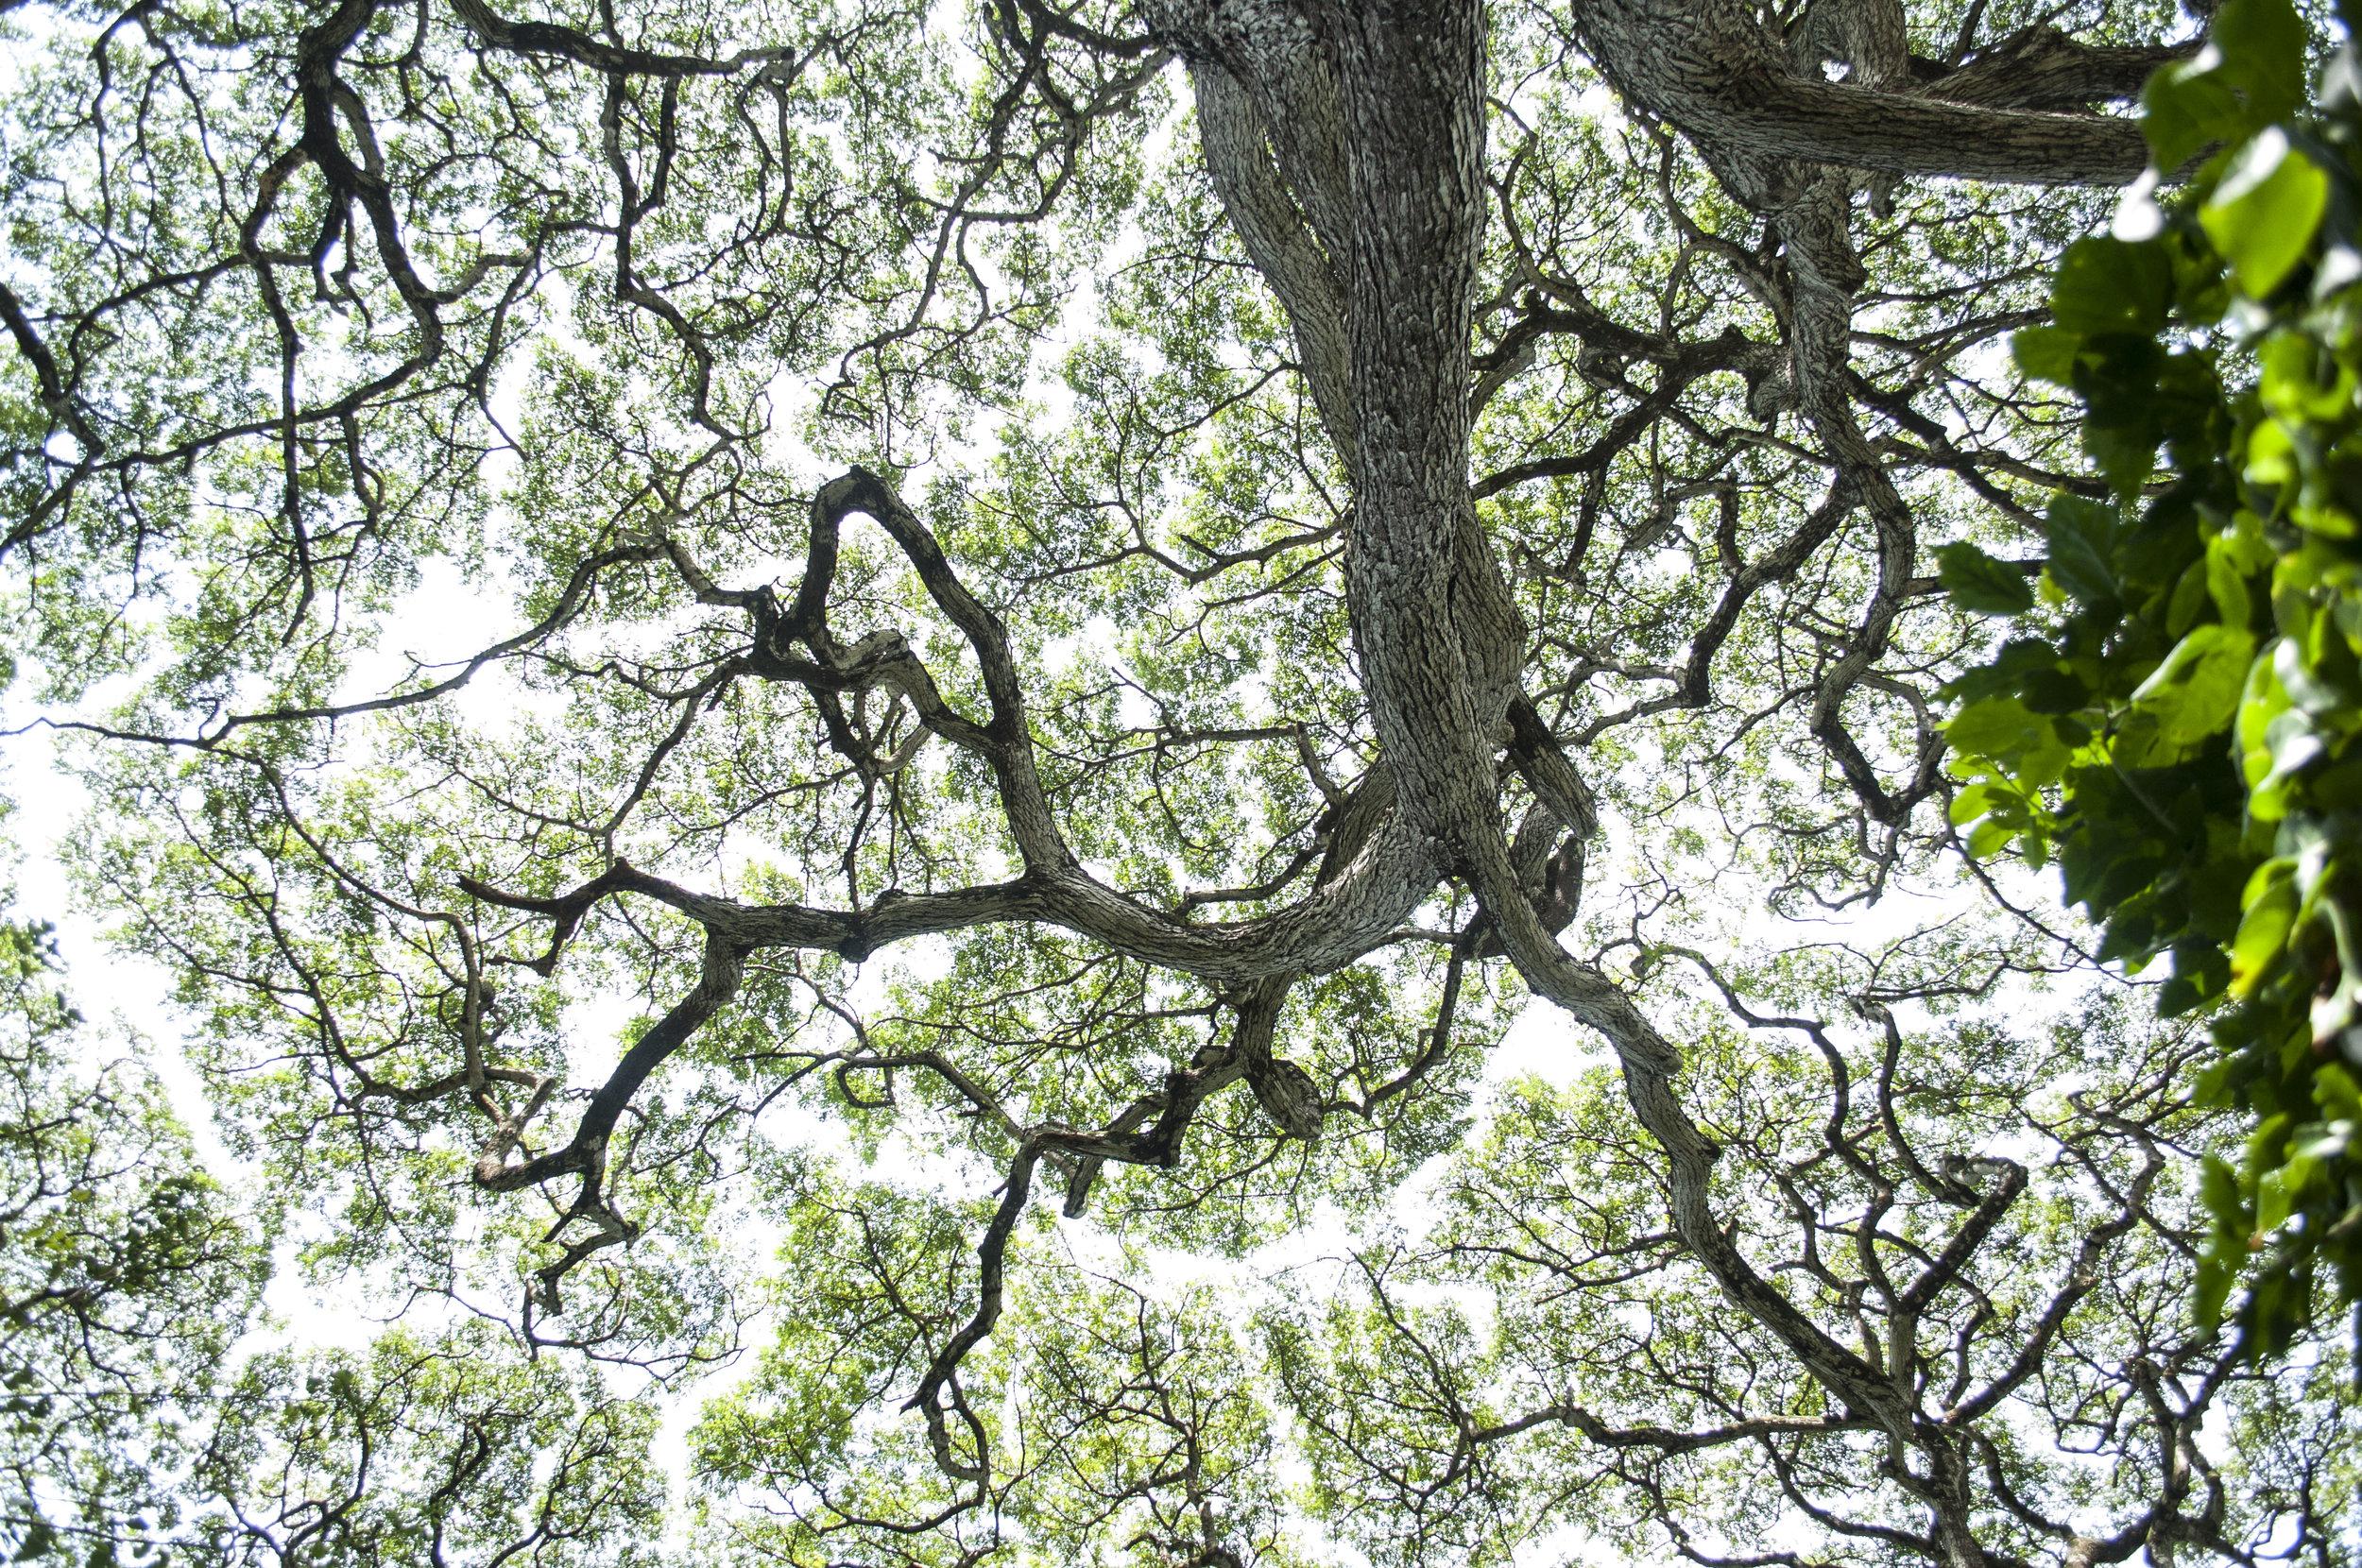 maui vibes trees views